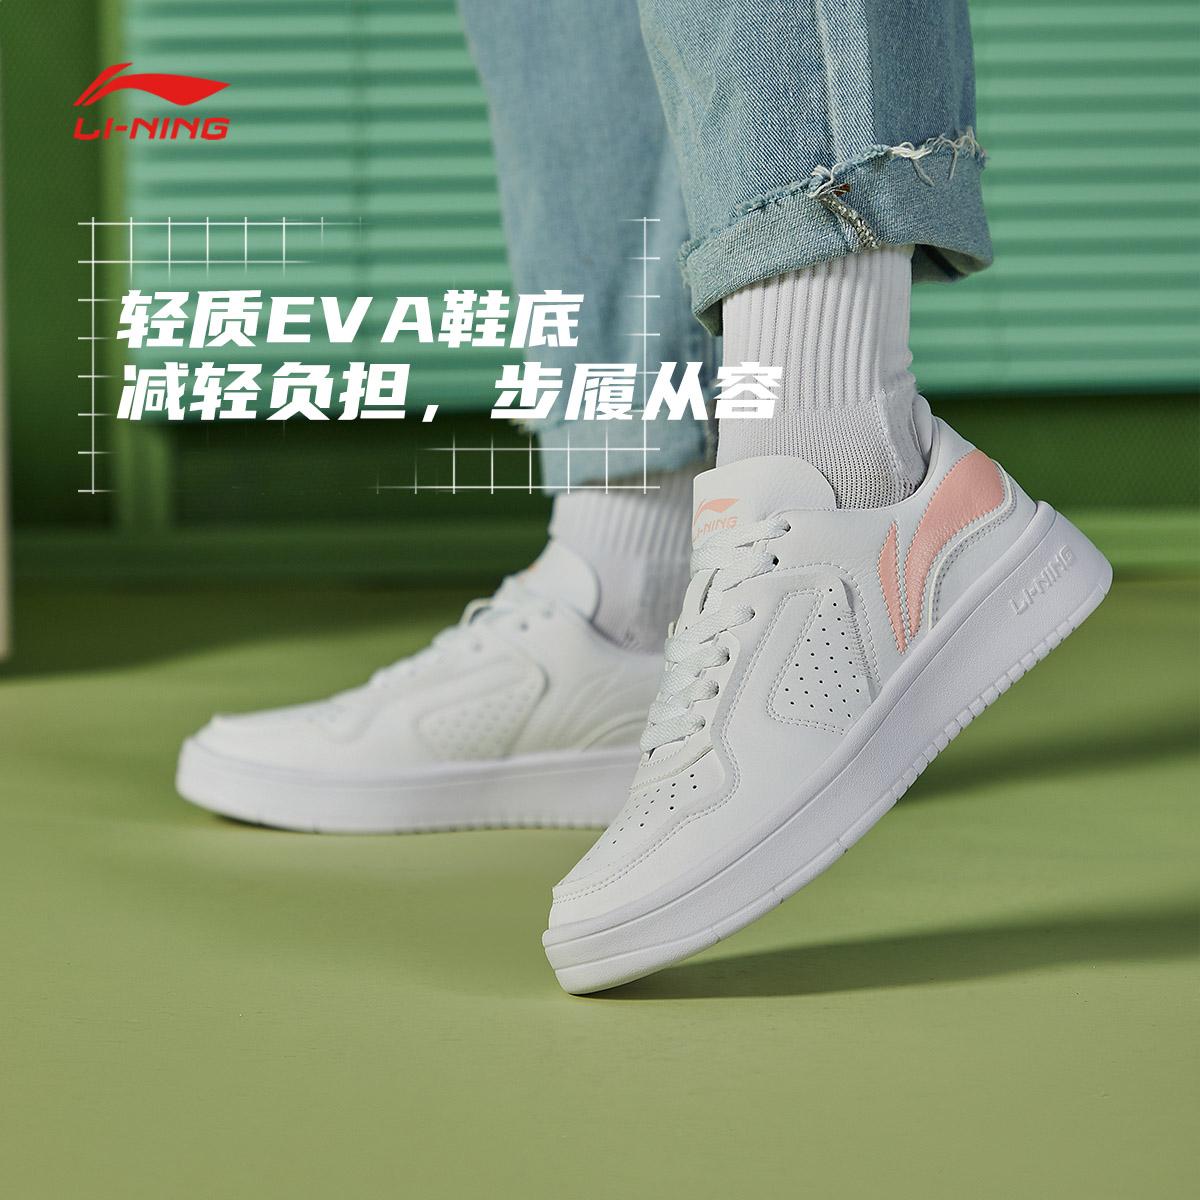 李宁休闲鞋旗舰秋冬百搭官网女鞋